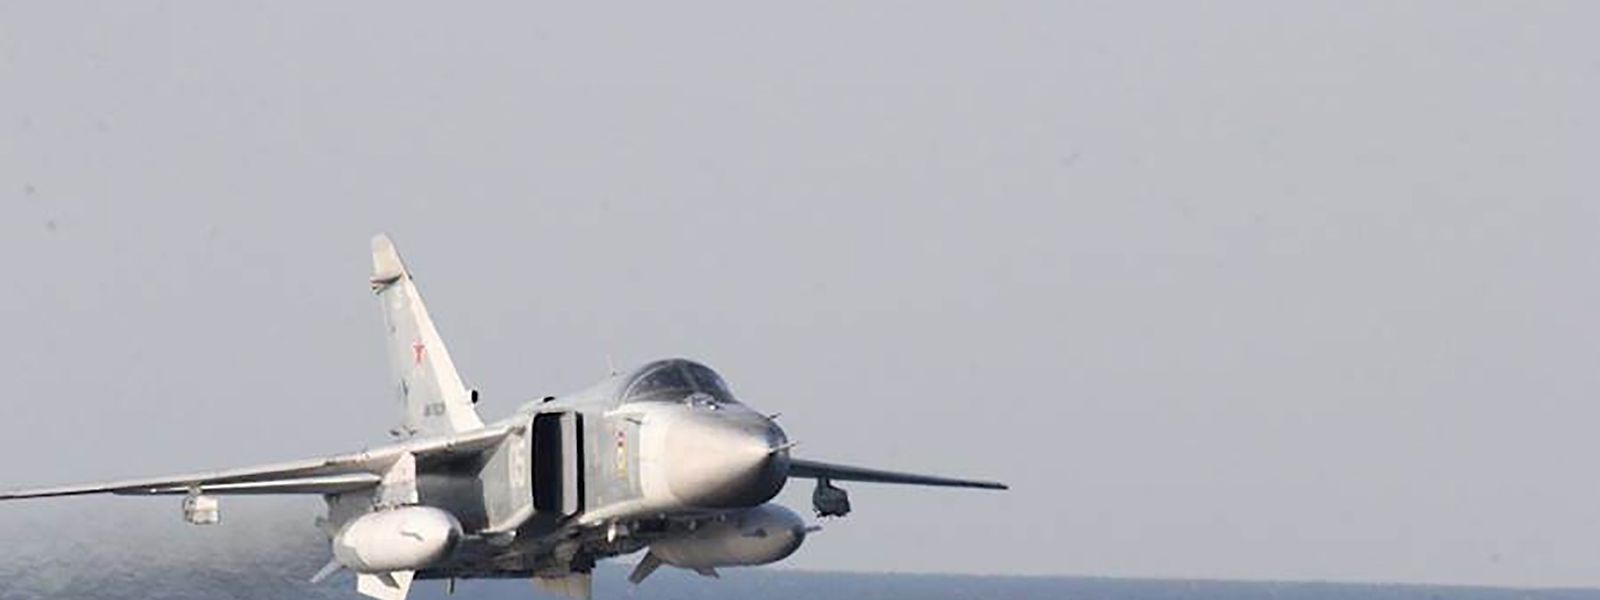 """Eine Abbildung eines russischen Jagdflugzeuges Typ SukhoiSu-24. Ein solcher Jet soll einige Tage vor dem aktuellen Vorfall im Tiefflug über den US-Zerstörer """"Donald Cook"""" in der Ostsee hinweggefegt sein."""